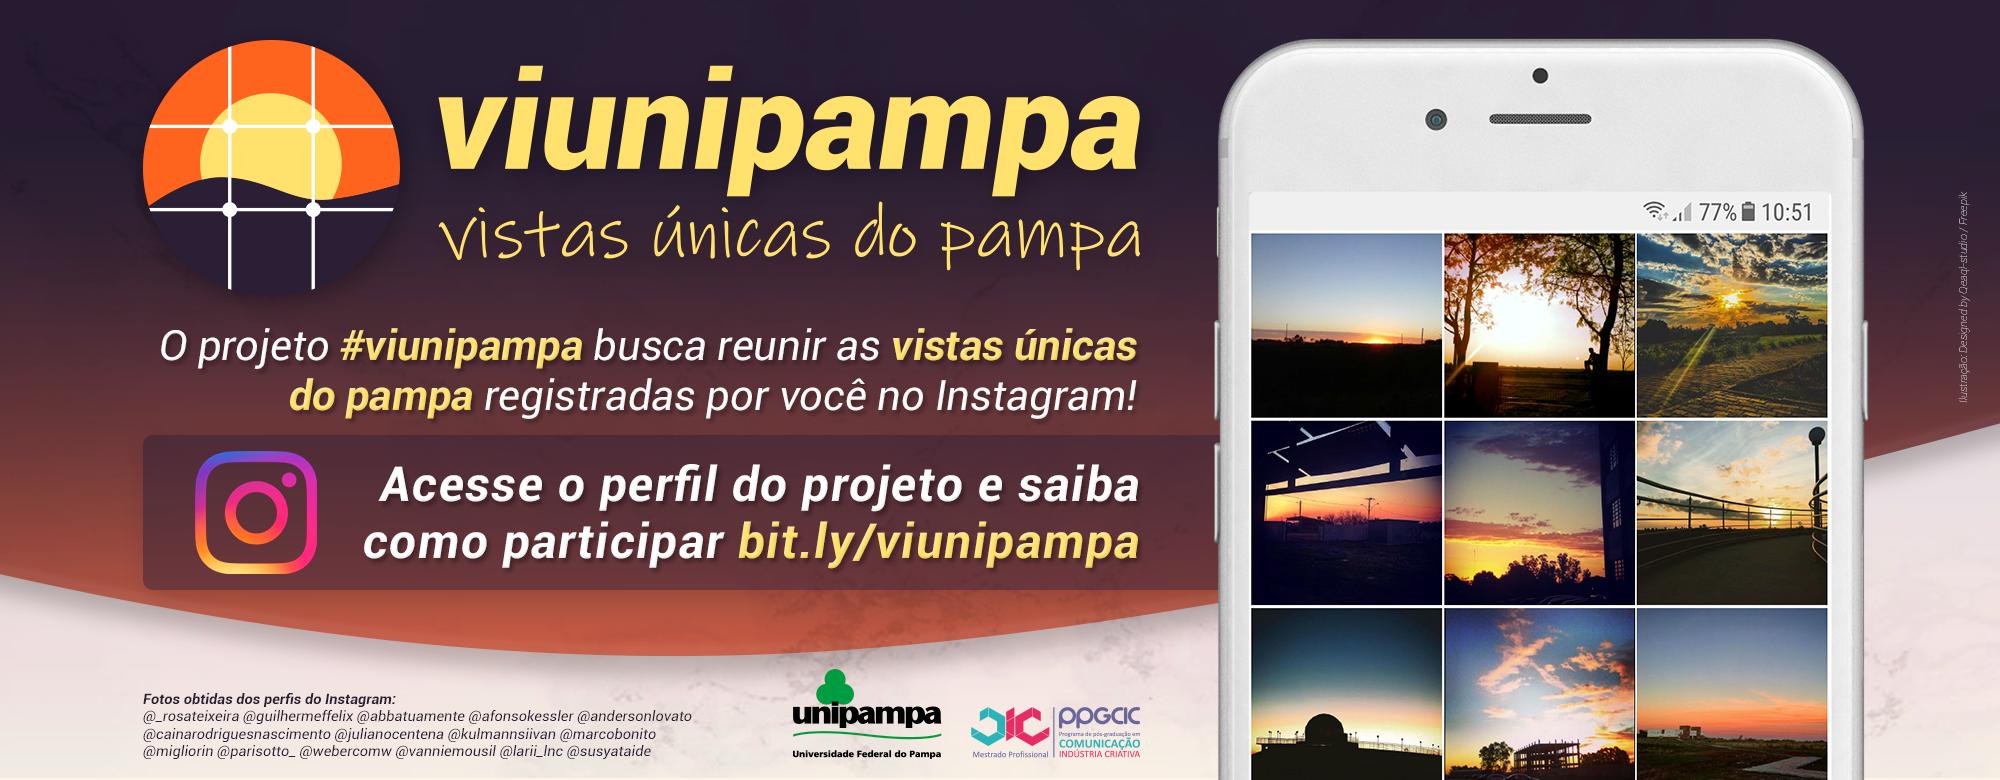 Celular e identidade visual do projeto em primeiro plano com informações sobre o projeto e link para acessar: bit.ly/viunipampa